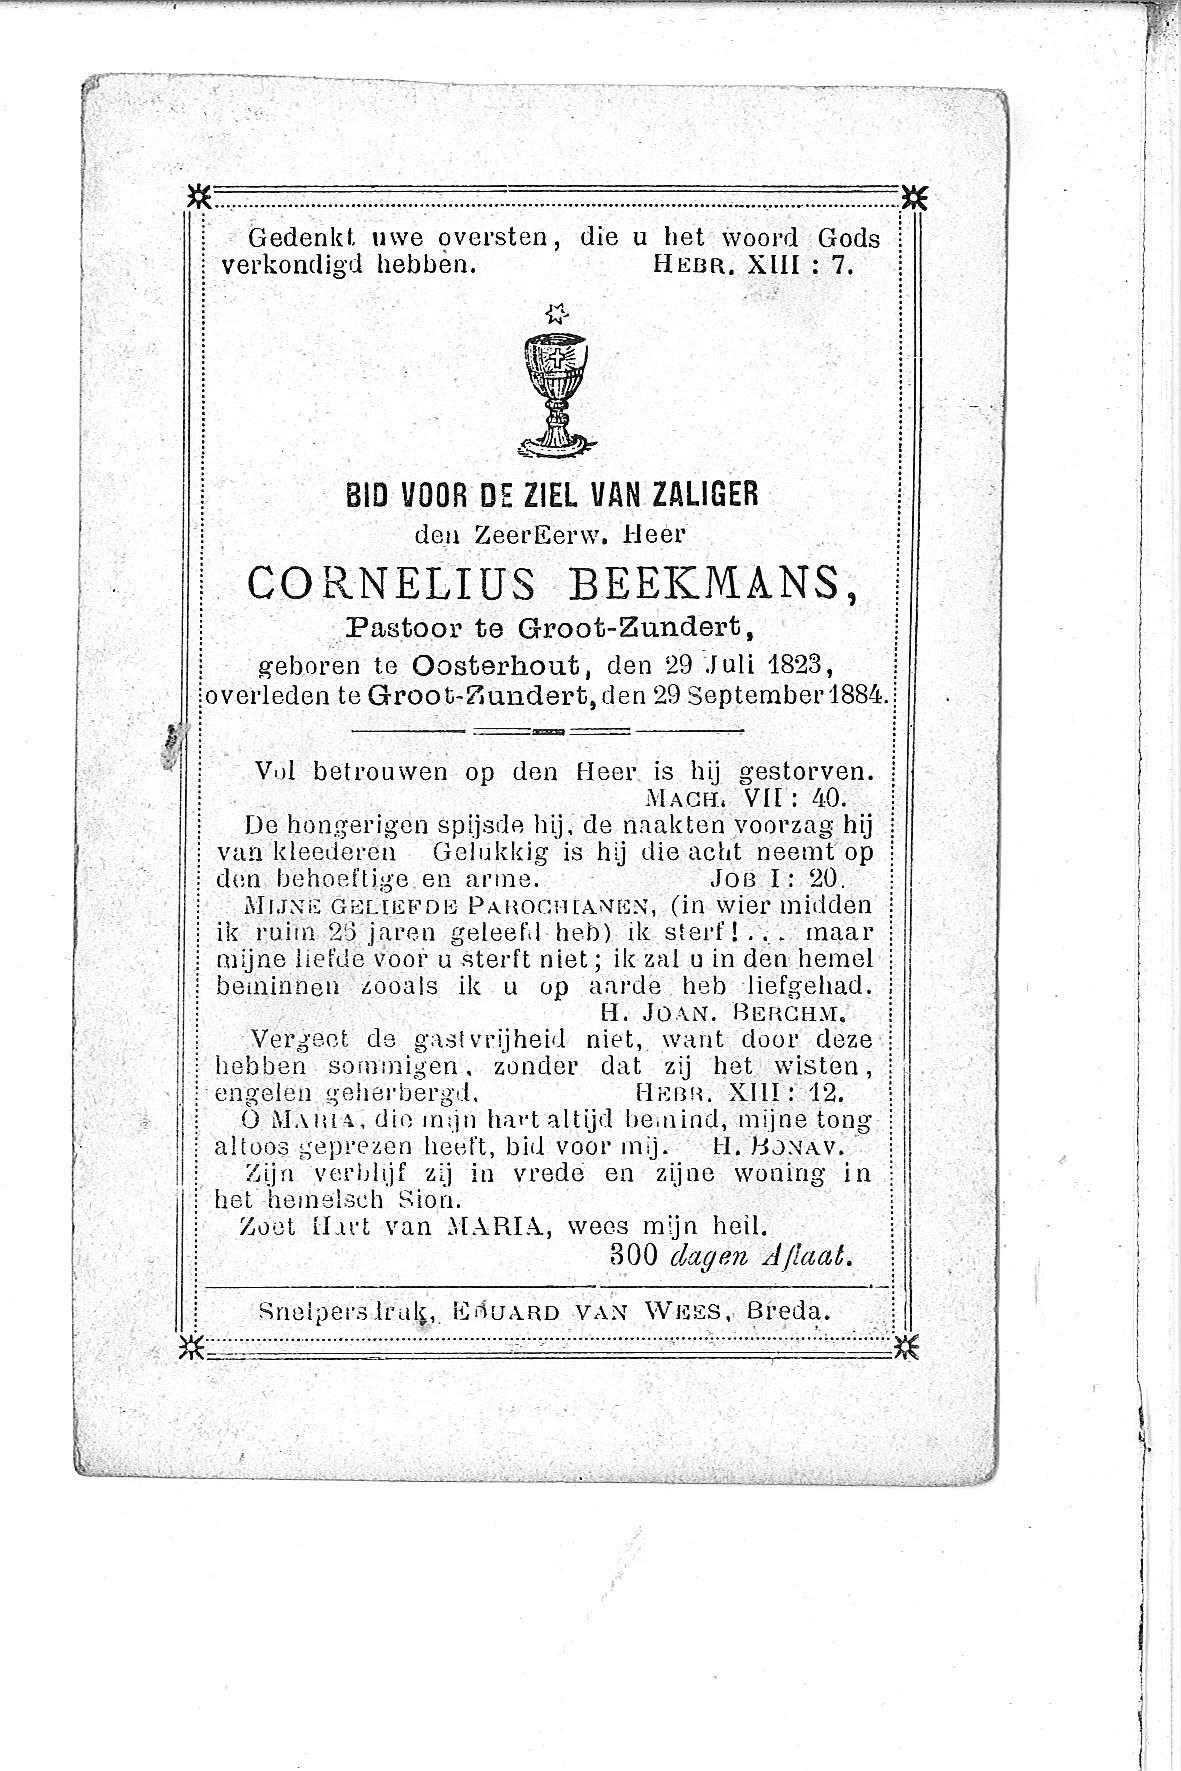 Corneliuss(1884)20101126132451_00020.jpg